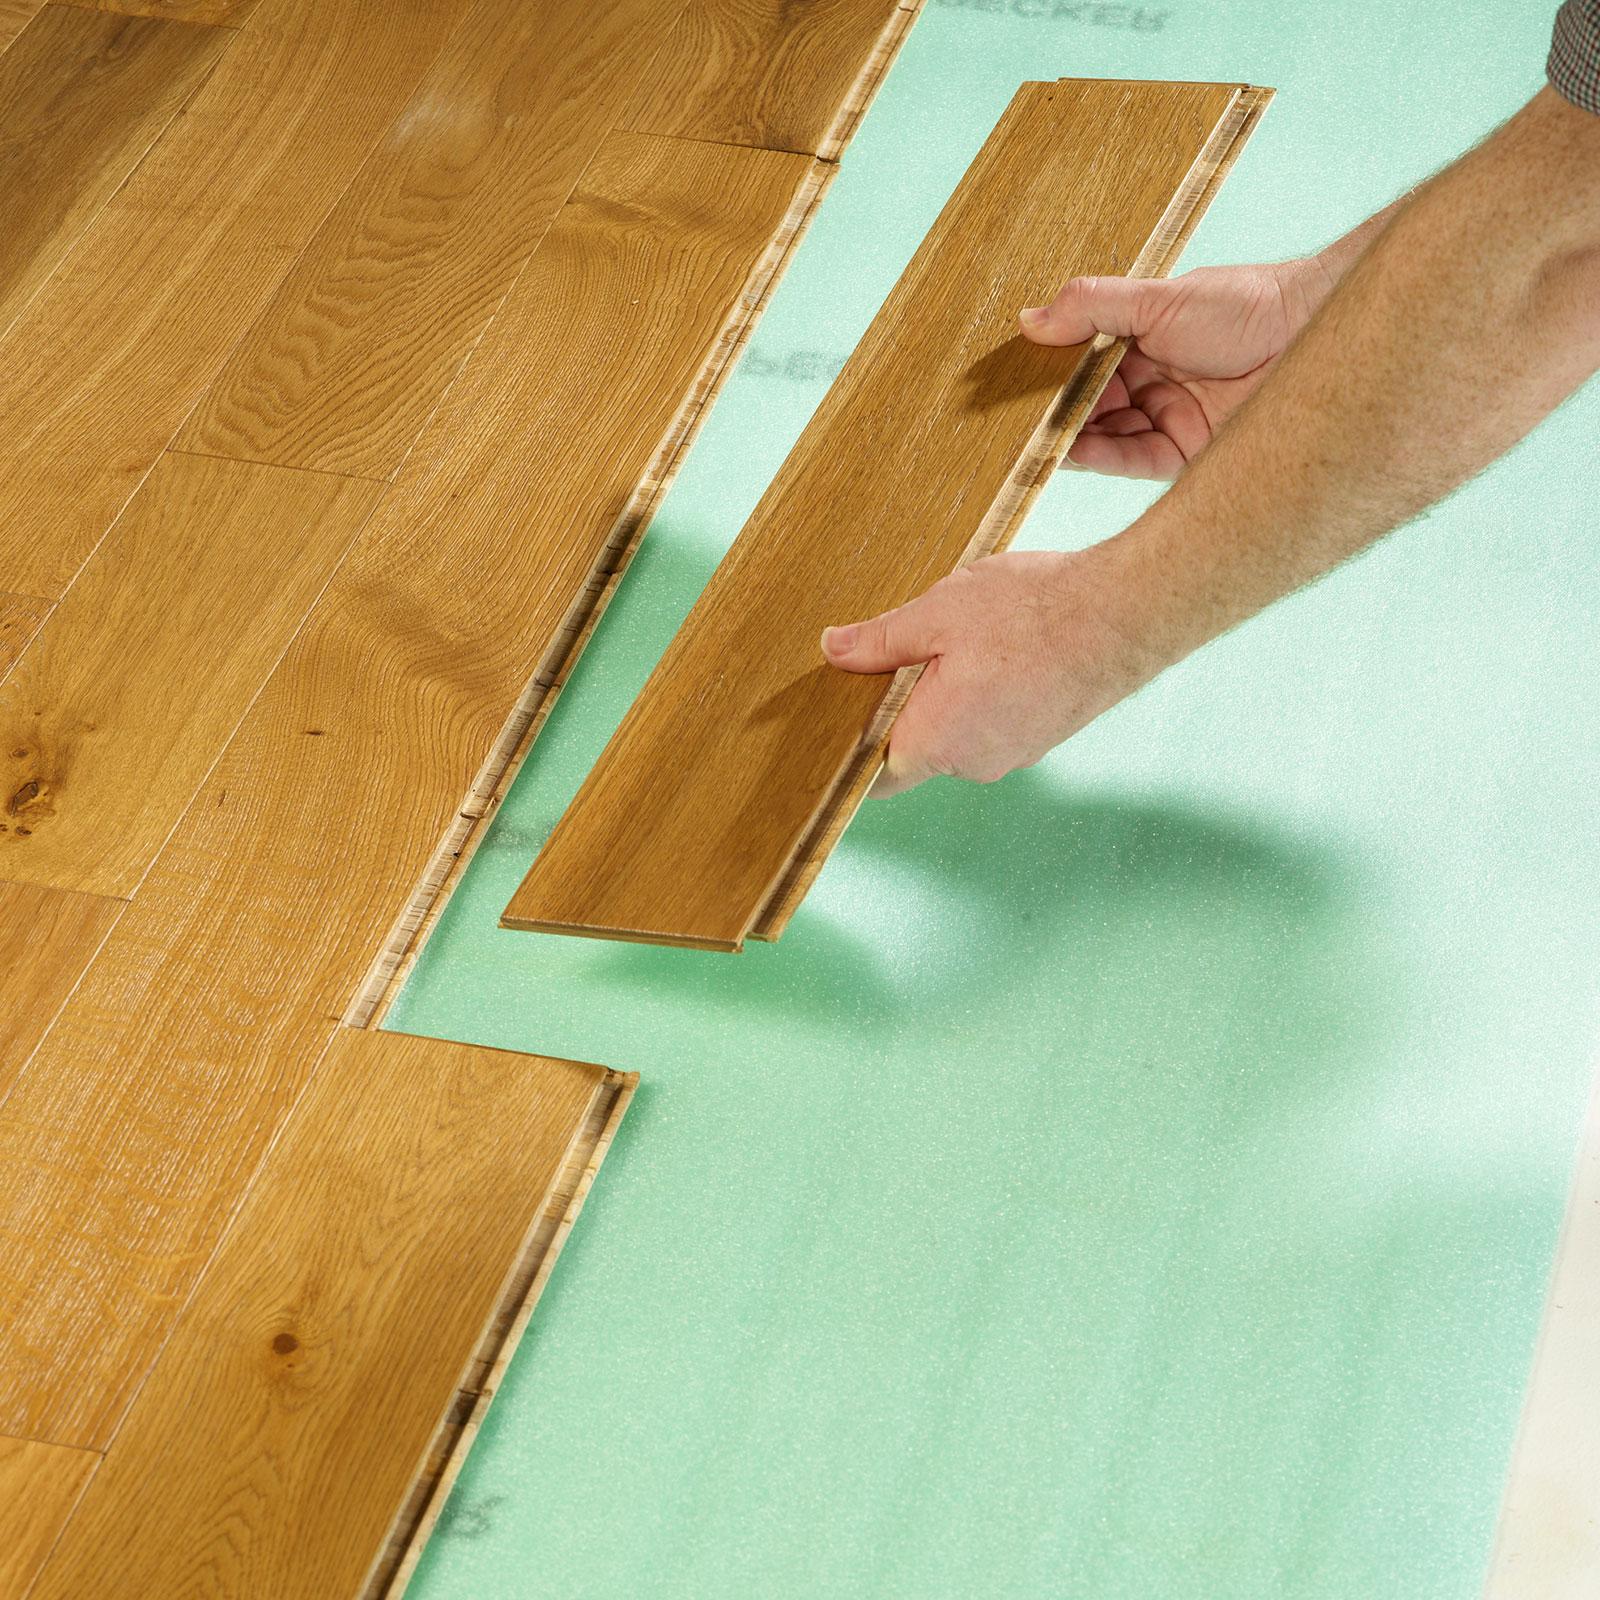 Jute Rug On Laminate Floor: Laminate Flooring Fitters East London